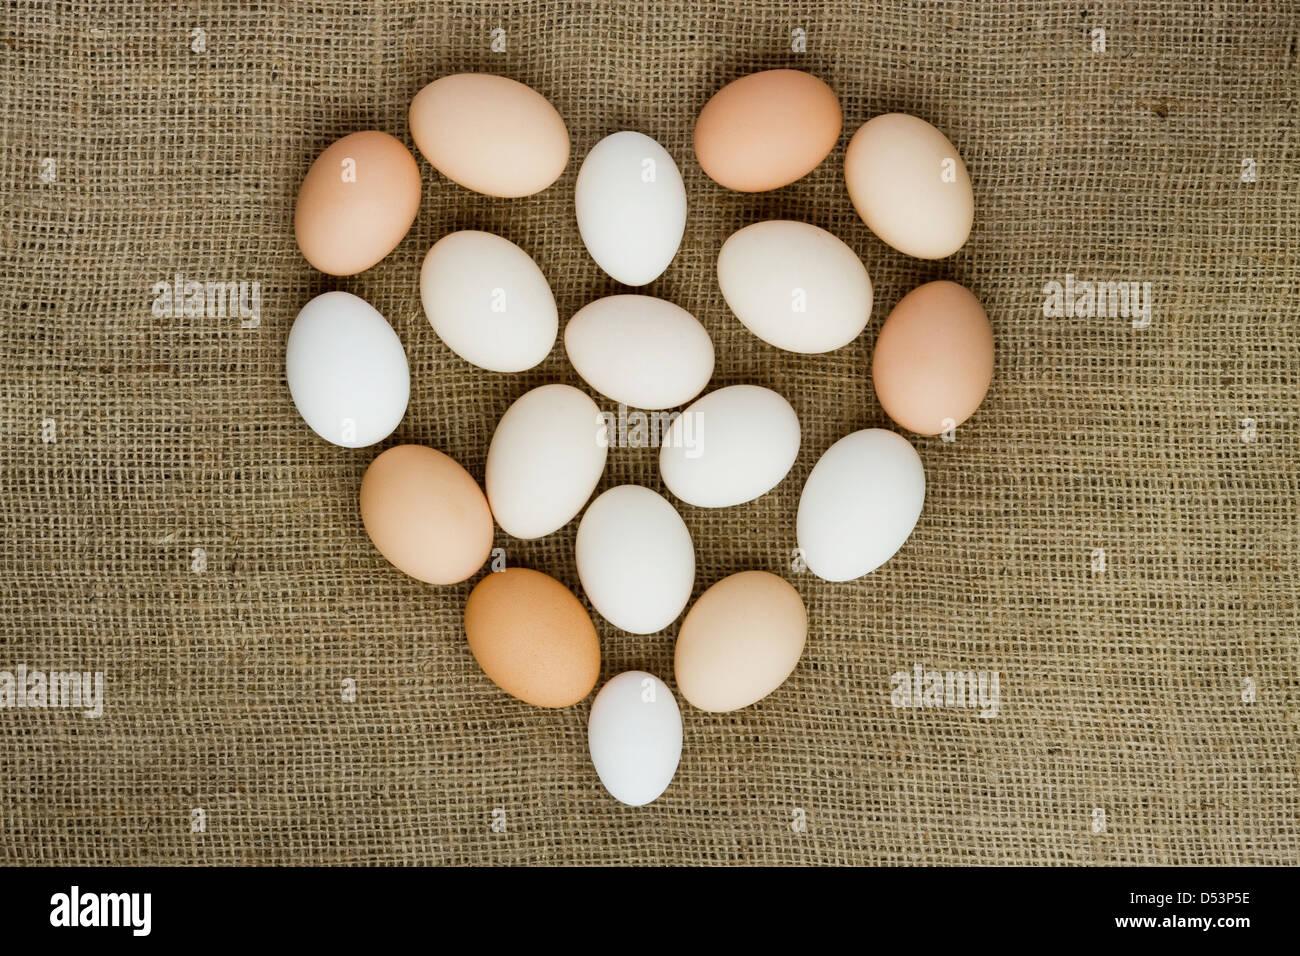 Huevos frescos de granja, con forma de corazón Imagen De Stock